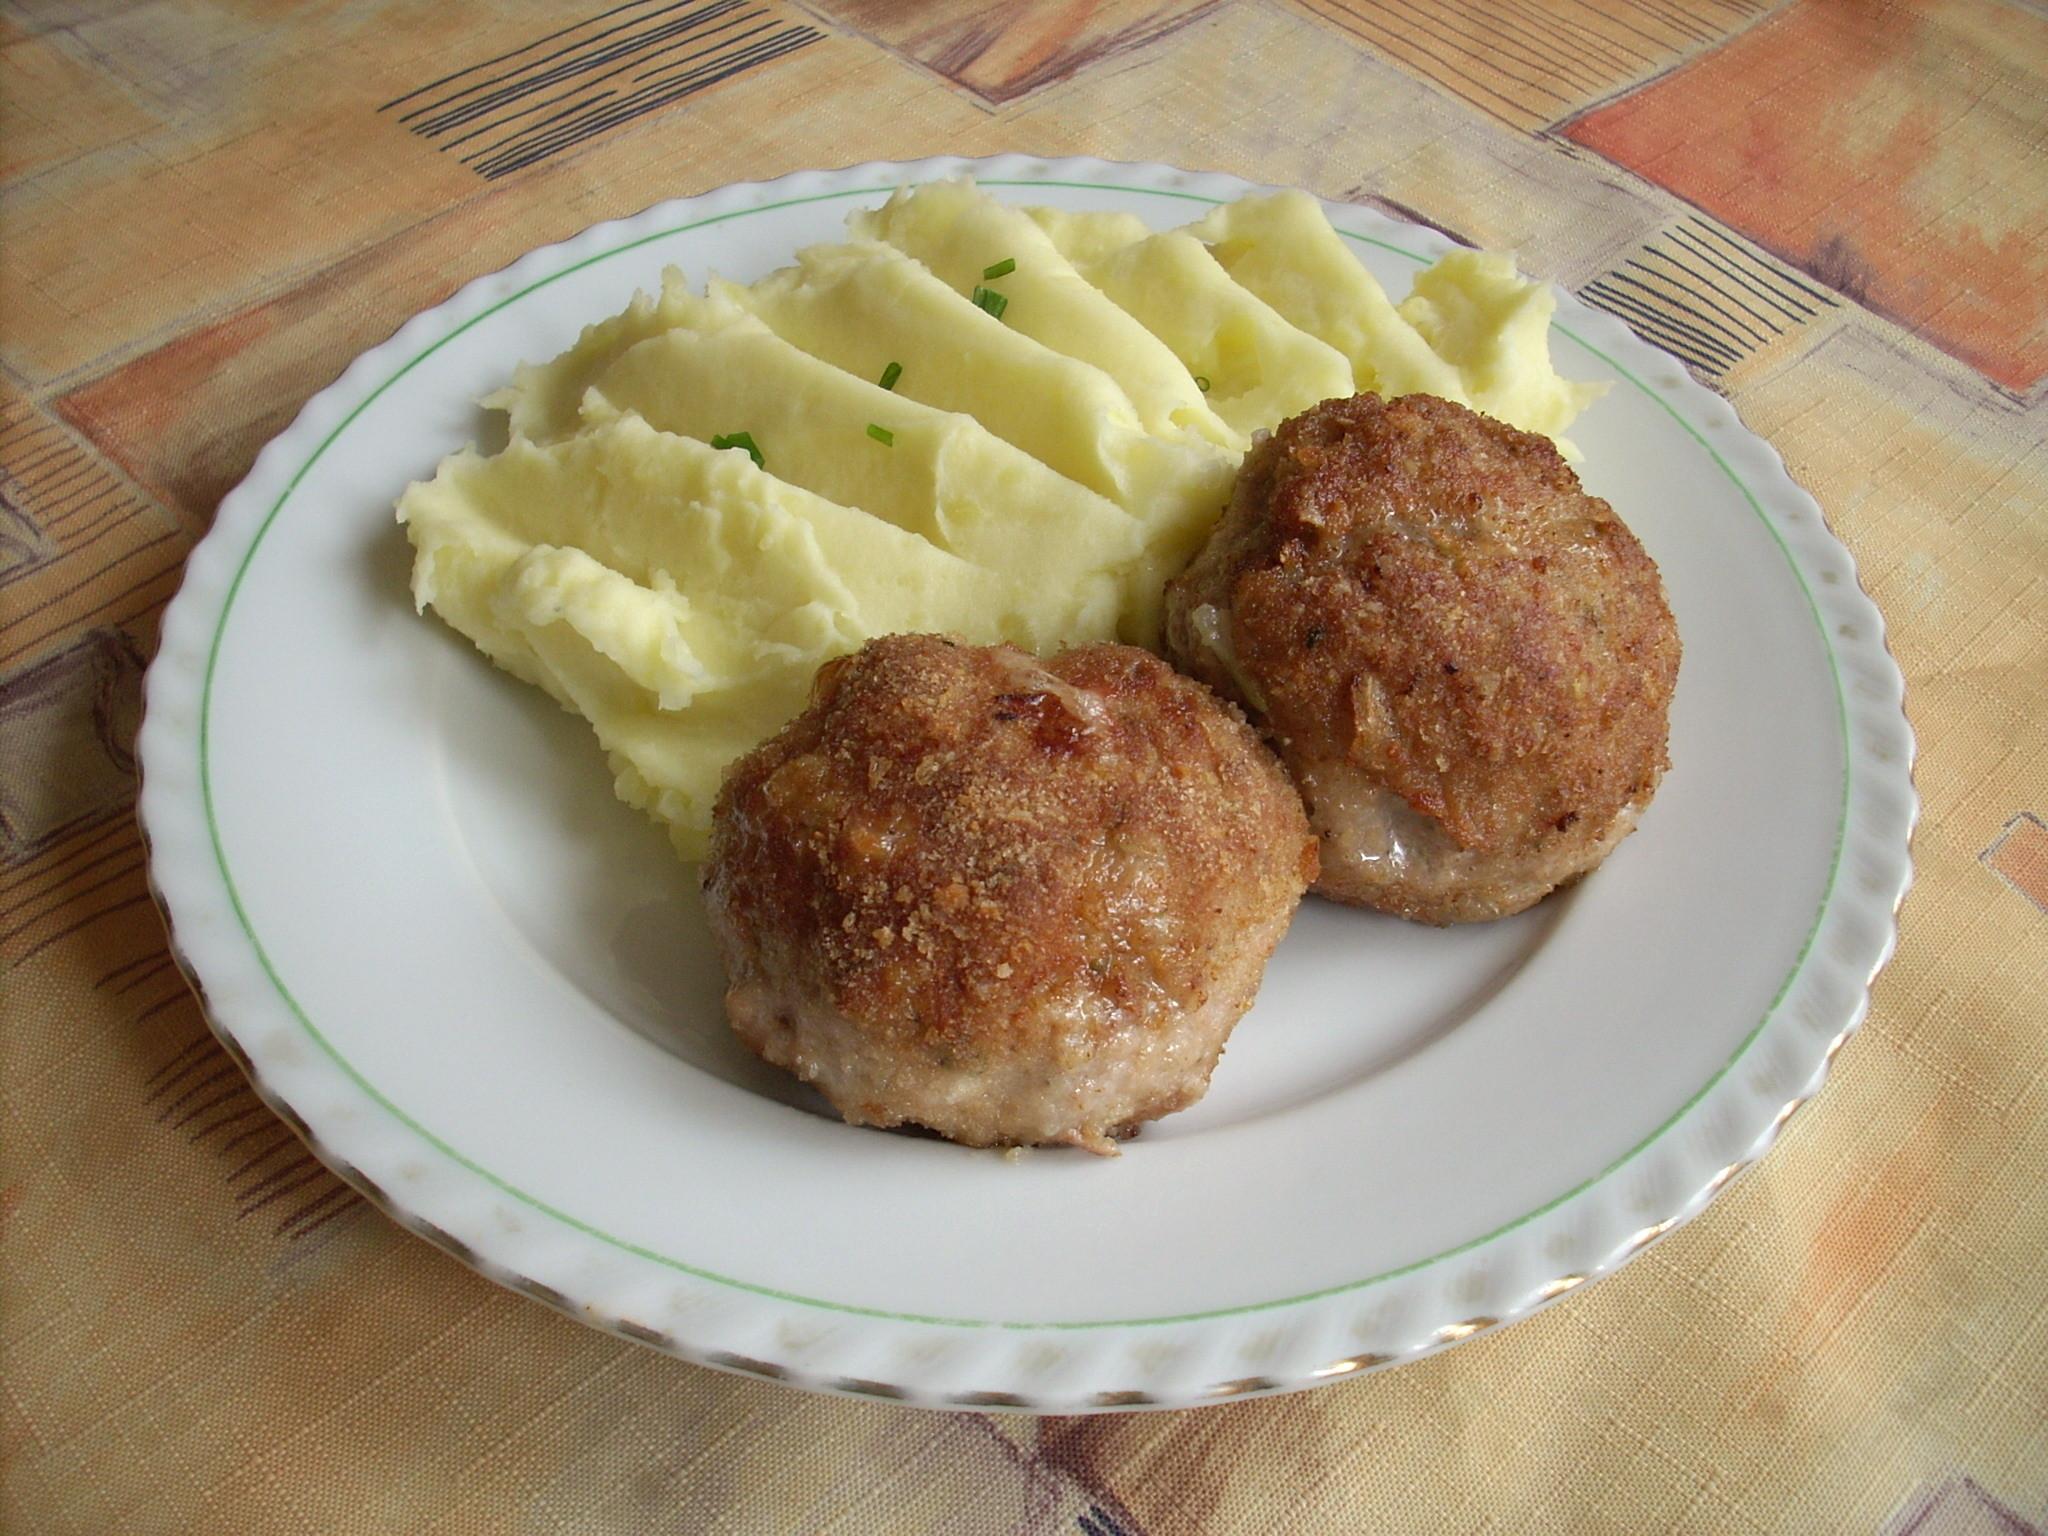 Recept Smažené karbanátky - Dnes jsem je uvařil a byly výborné!